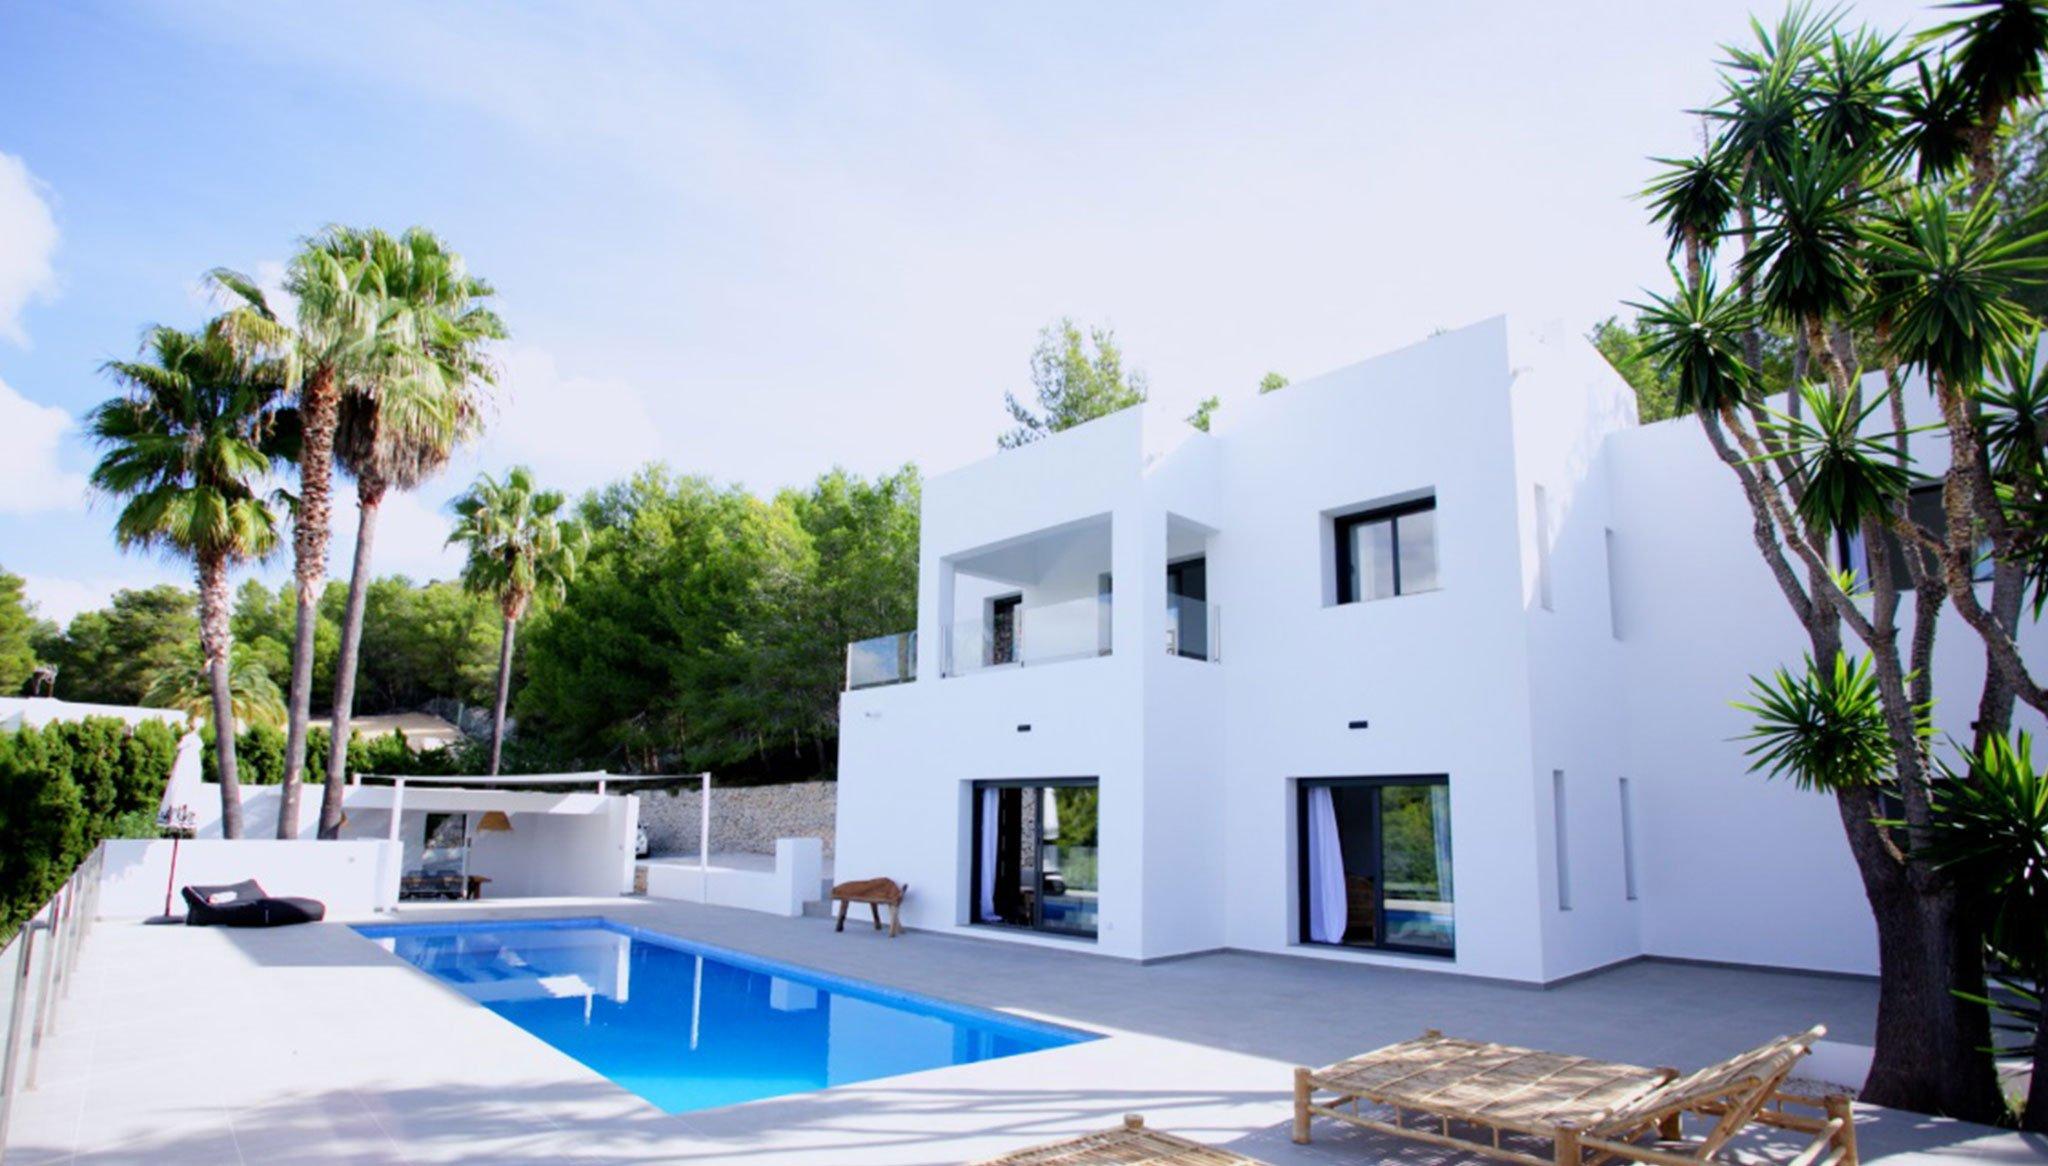 Fachada de una propiedad de lujo de estilo ibicenco en venta en Moraira – Fine & Country Costa Blanca Norte